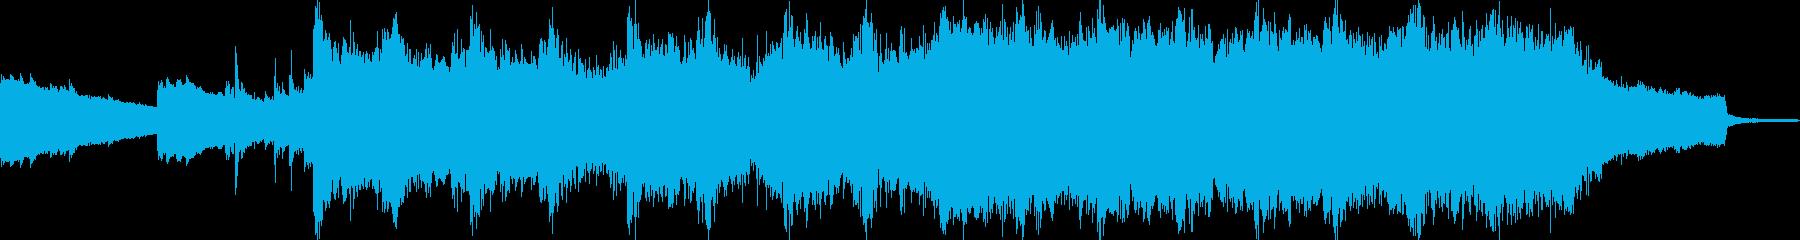 現代の交響曲 素晴らしい 心に強く...の再生済みの波形